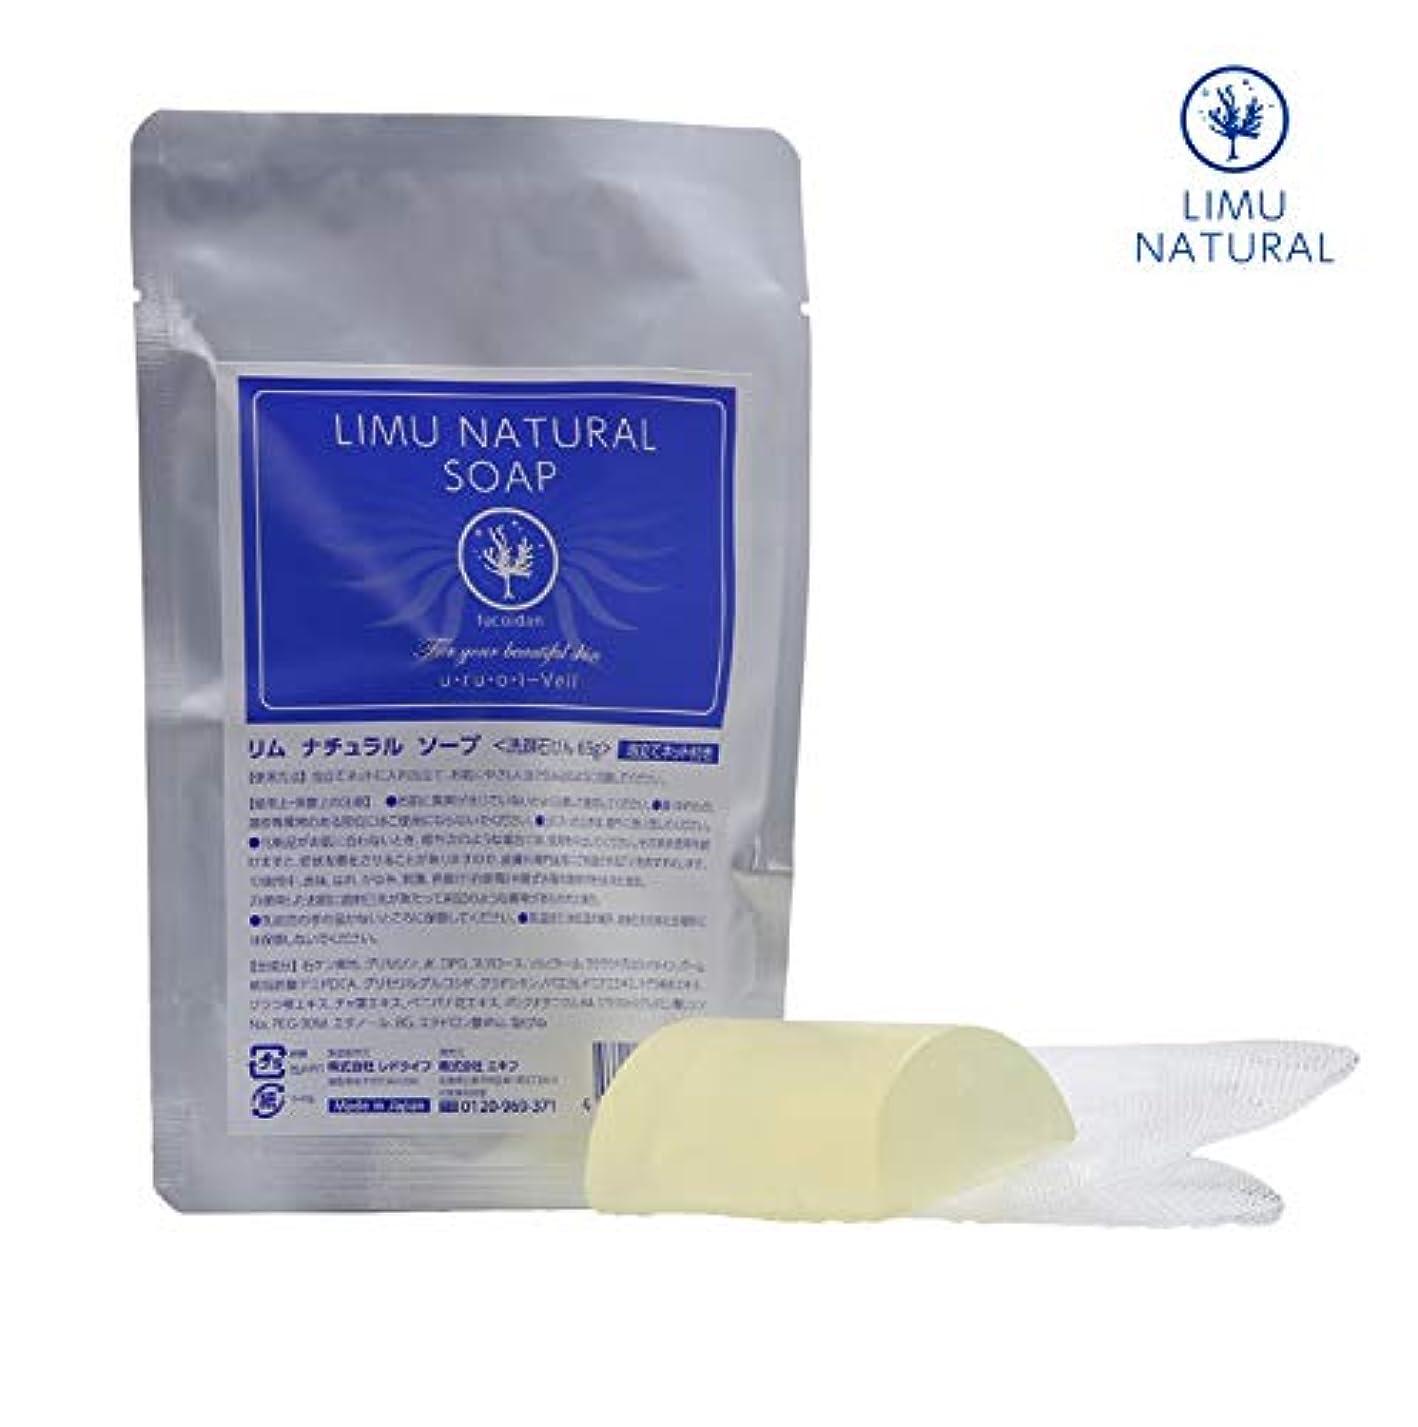 メイエラくつろぎヘルパーリムナチュラルソープ LIMU NATURAL SOAP ヌルあわ洗顔石けん 泡だてネット付き「美白&保湿」「フコイダン」+「グリセリルグルコシド」天然植物成分を贅沢に配合 W効果 日本製